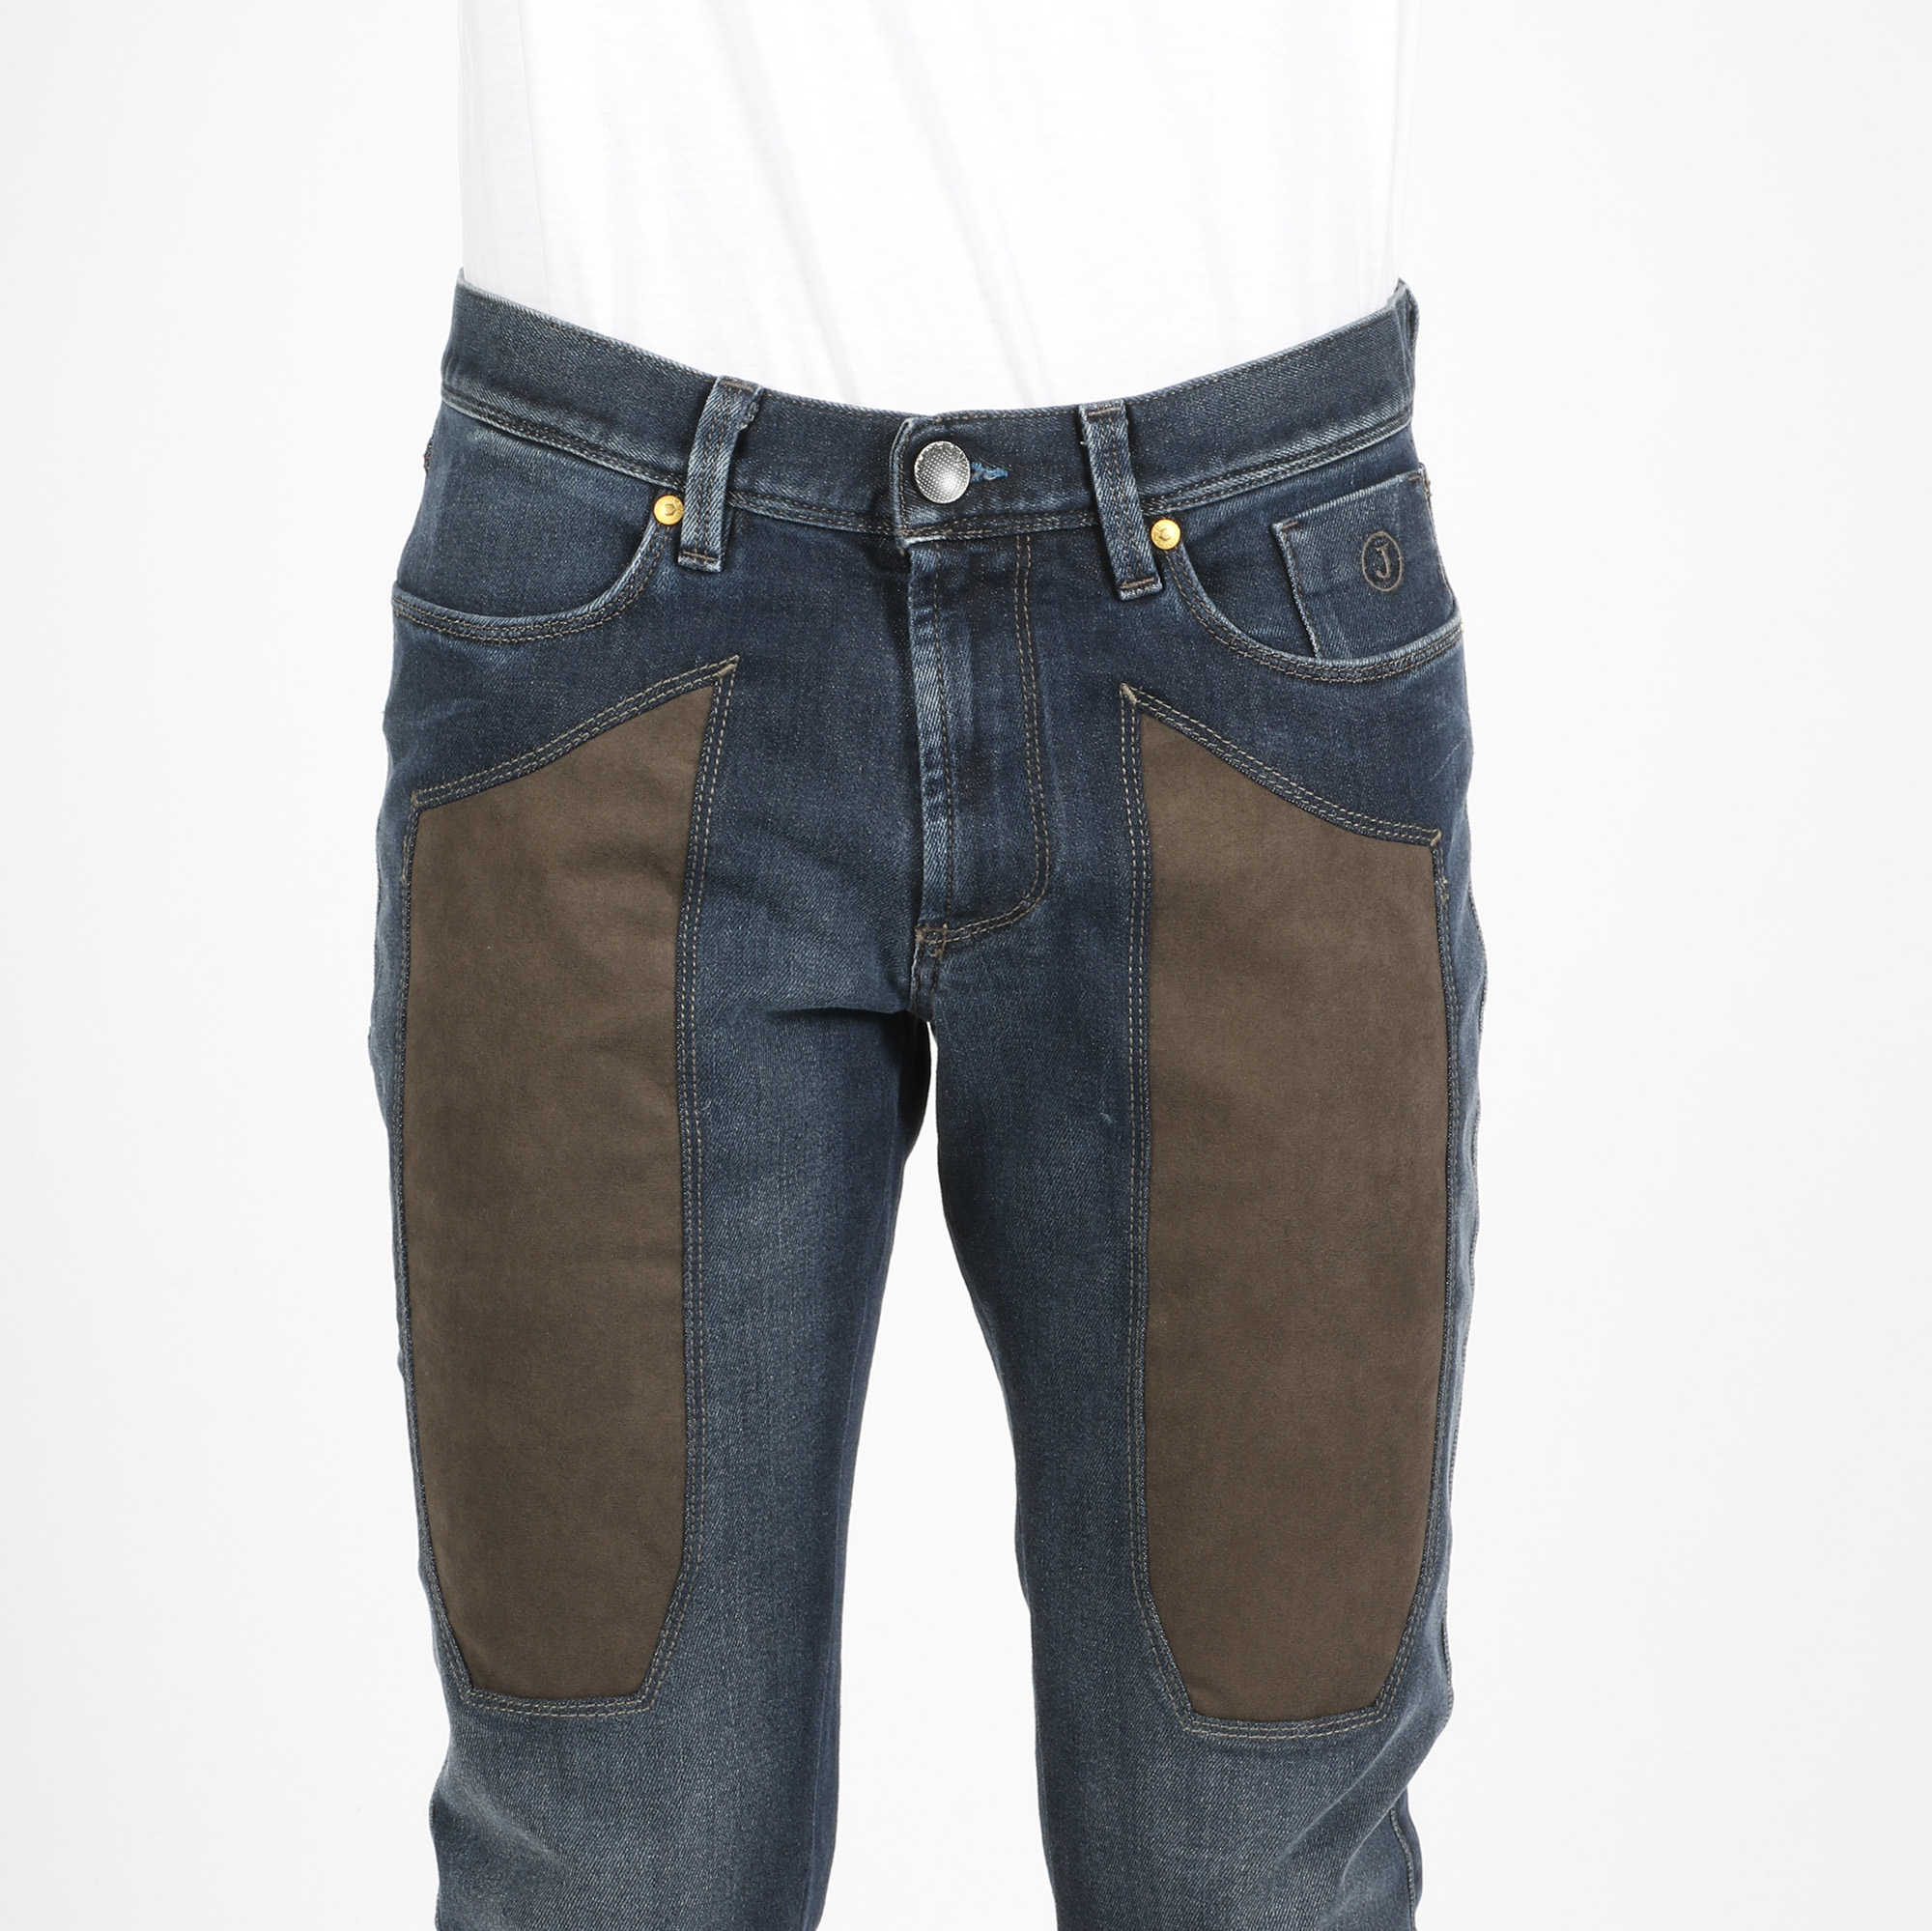 Jeans toppa moro - Denim